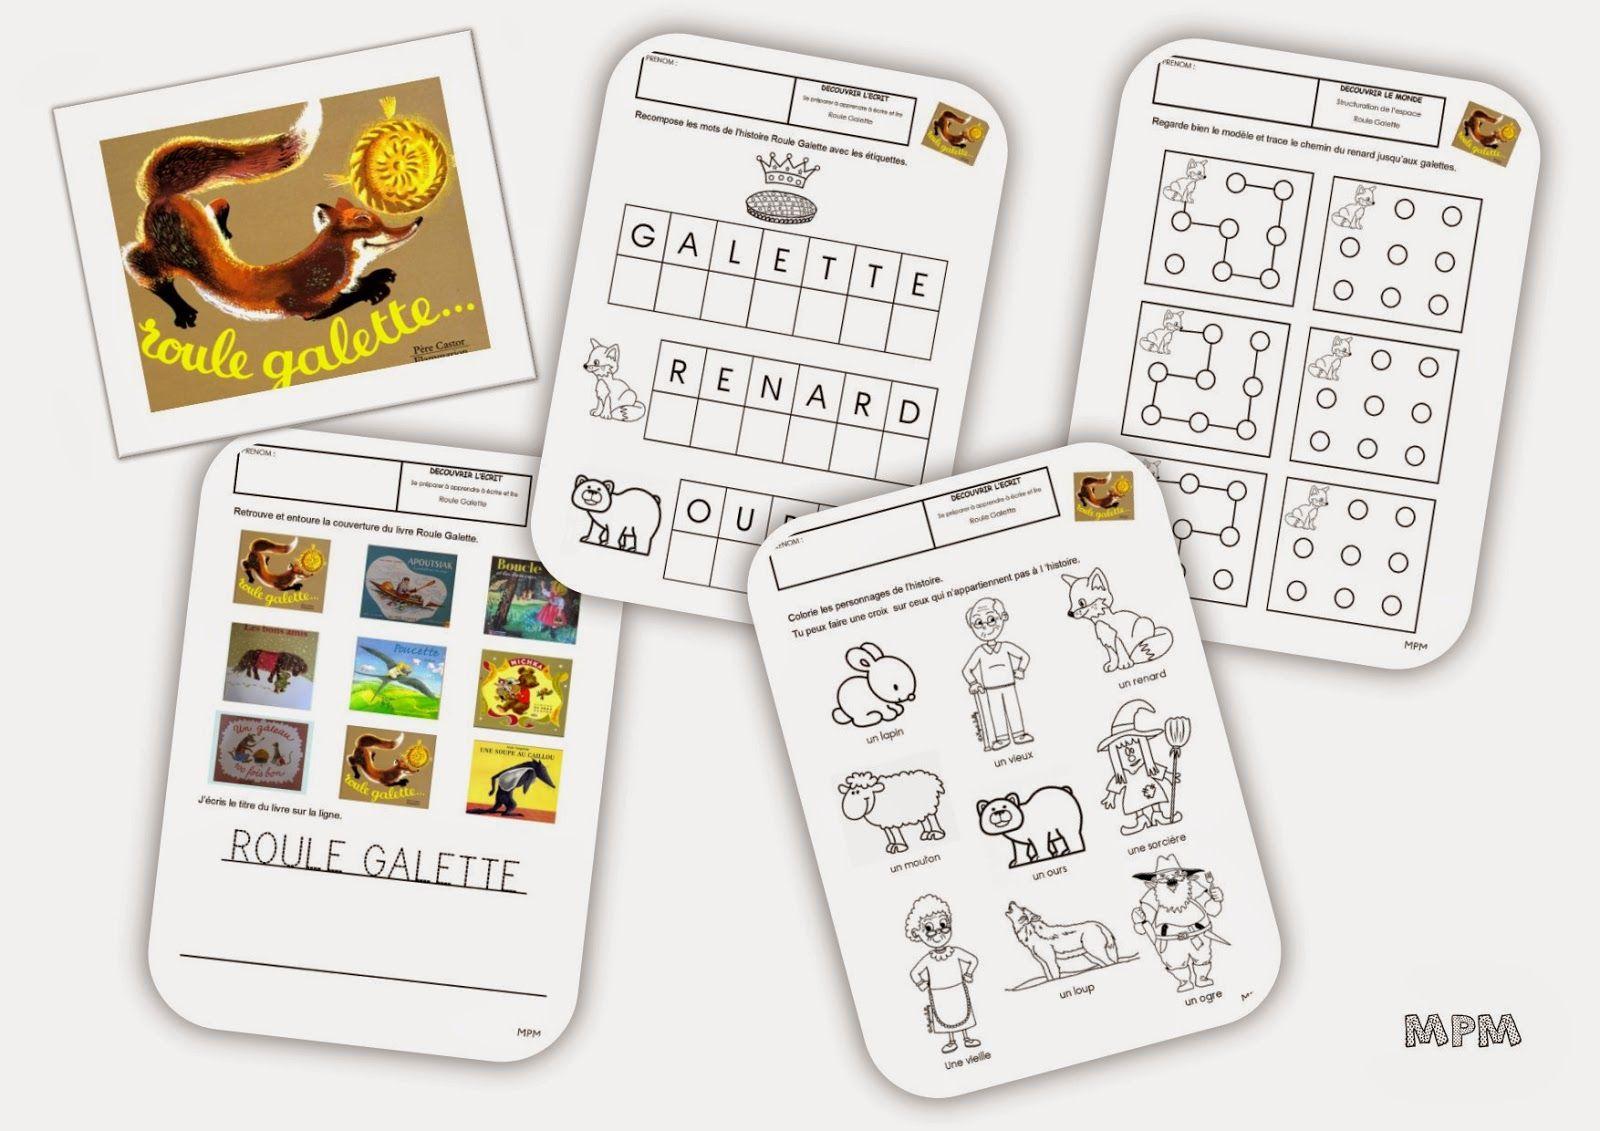 Fiches De Travail Ms - Roule Galette | Roule Galette, Roule tout Histoire Roule Galette